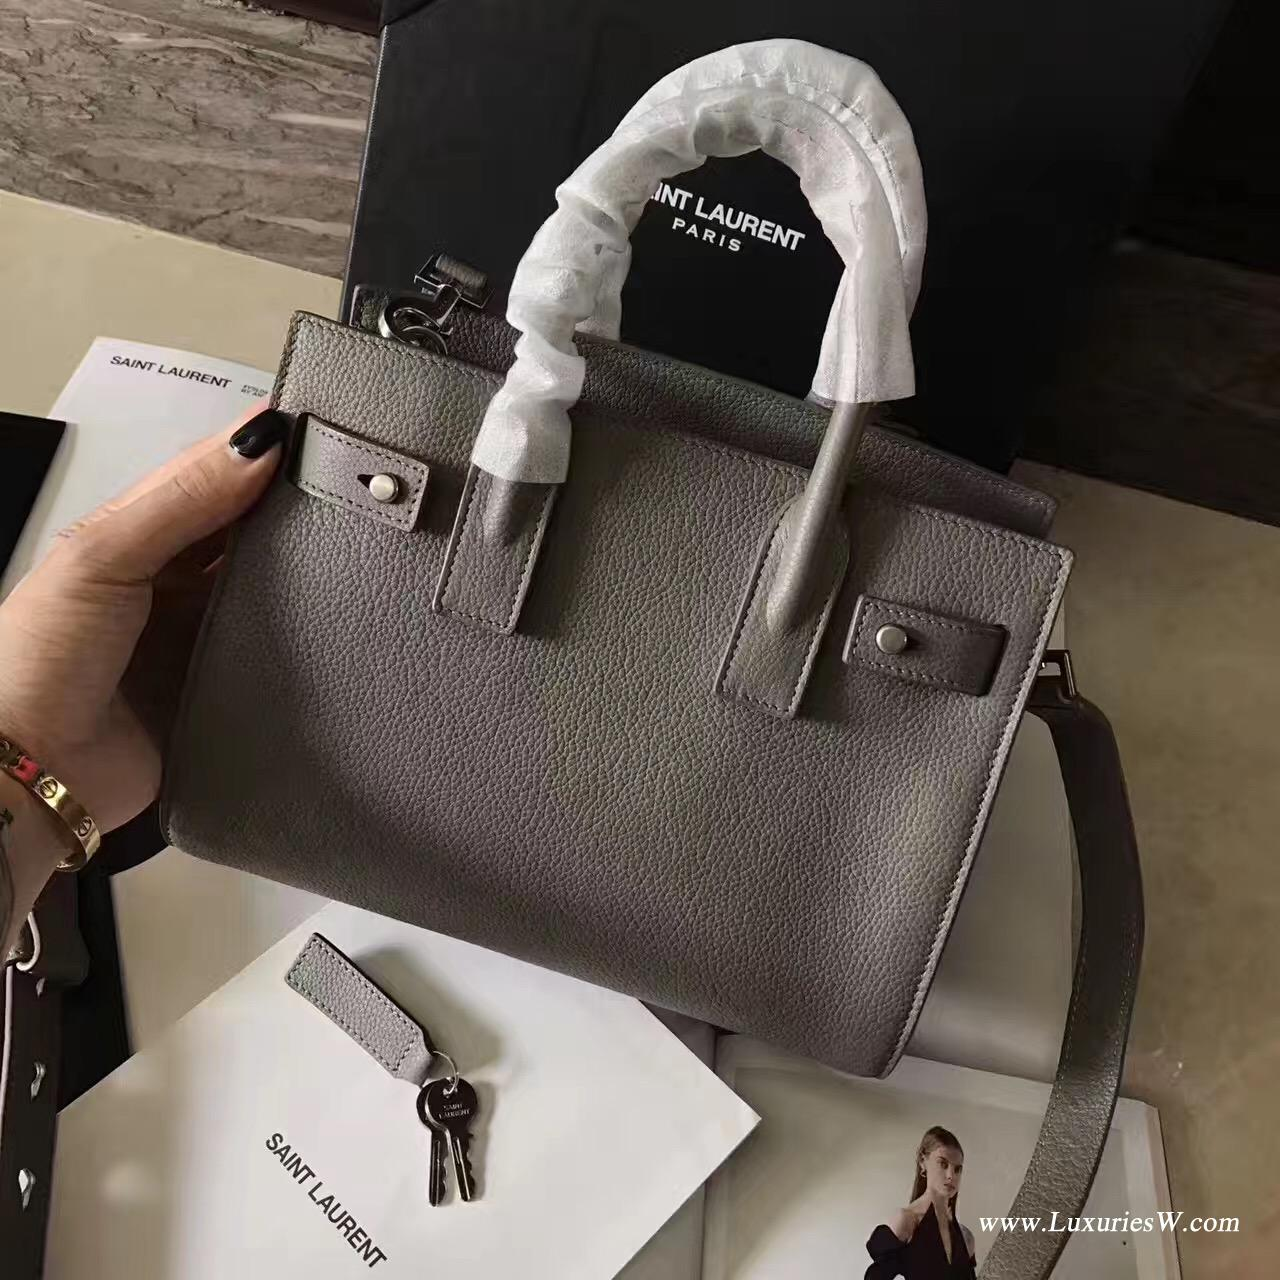 聖羅蘭YSL迷你号nano sac de jour手提包 颗粒纹灰粉绿白等颜色真皮包